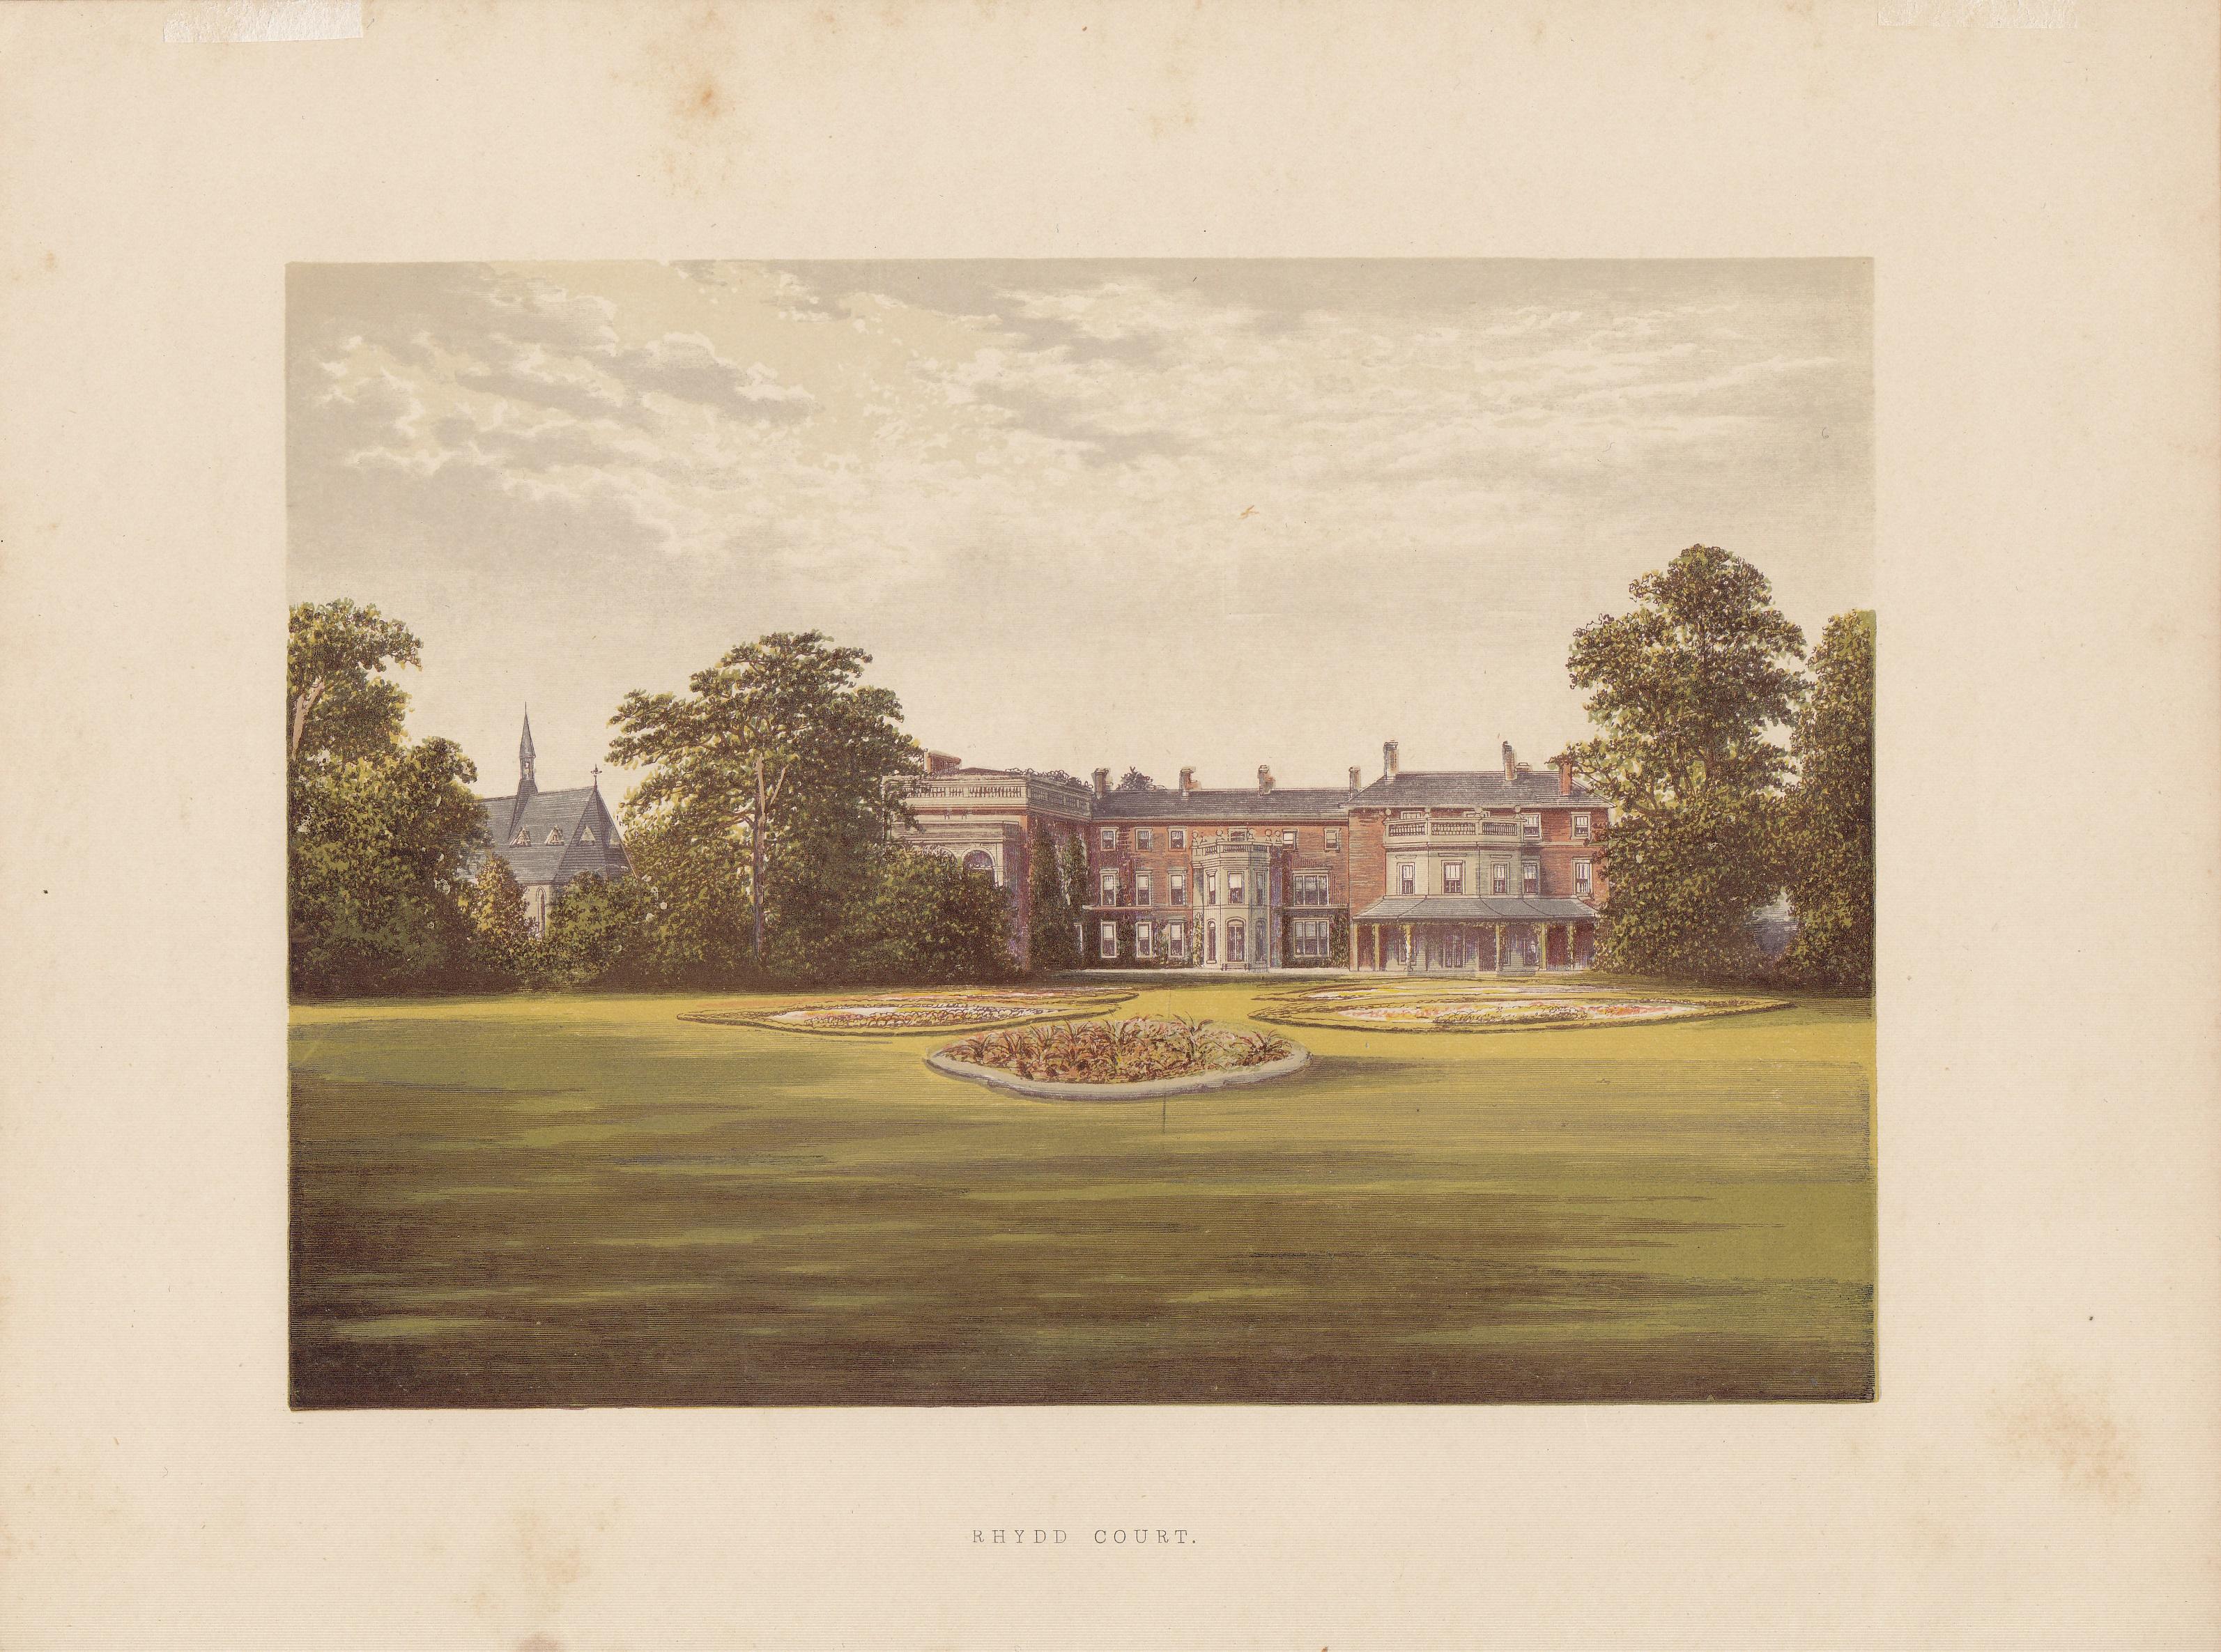 Rhydd Court